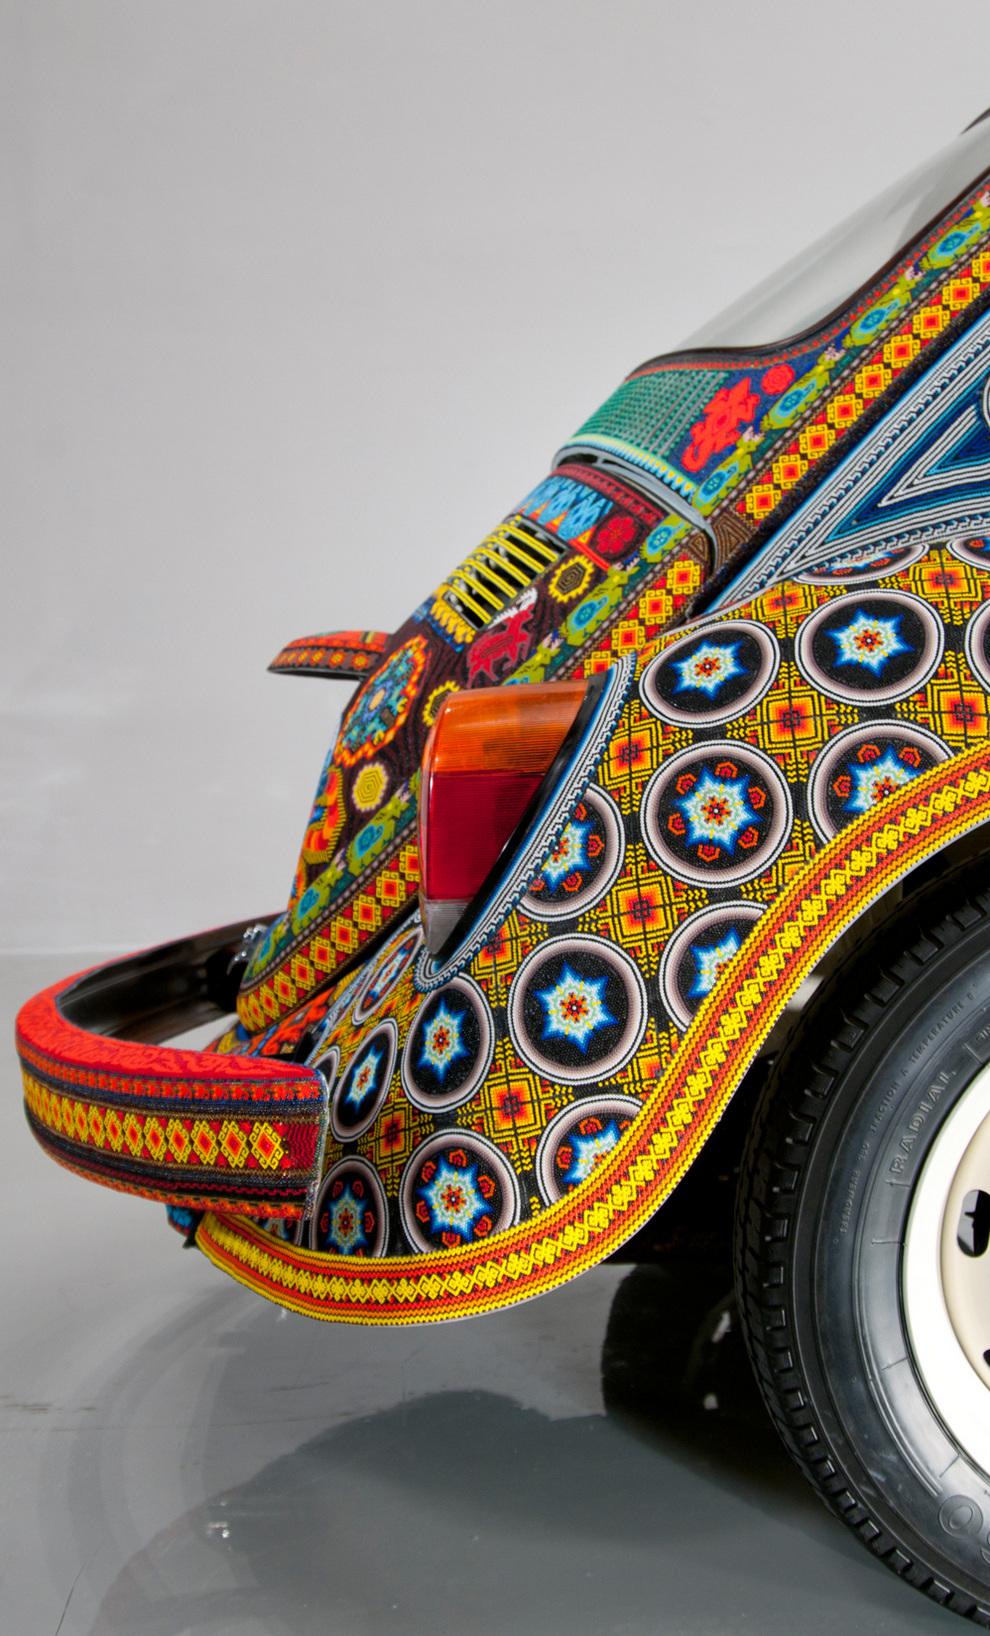 beads06 Единственный в своем роде автомобиль, покрытый бисером